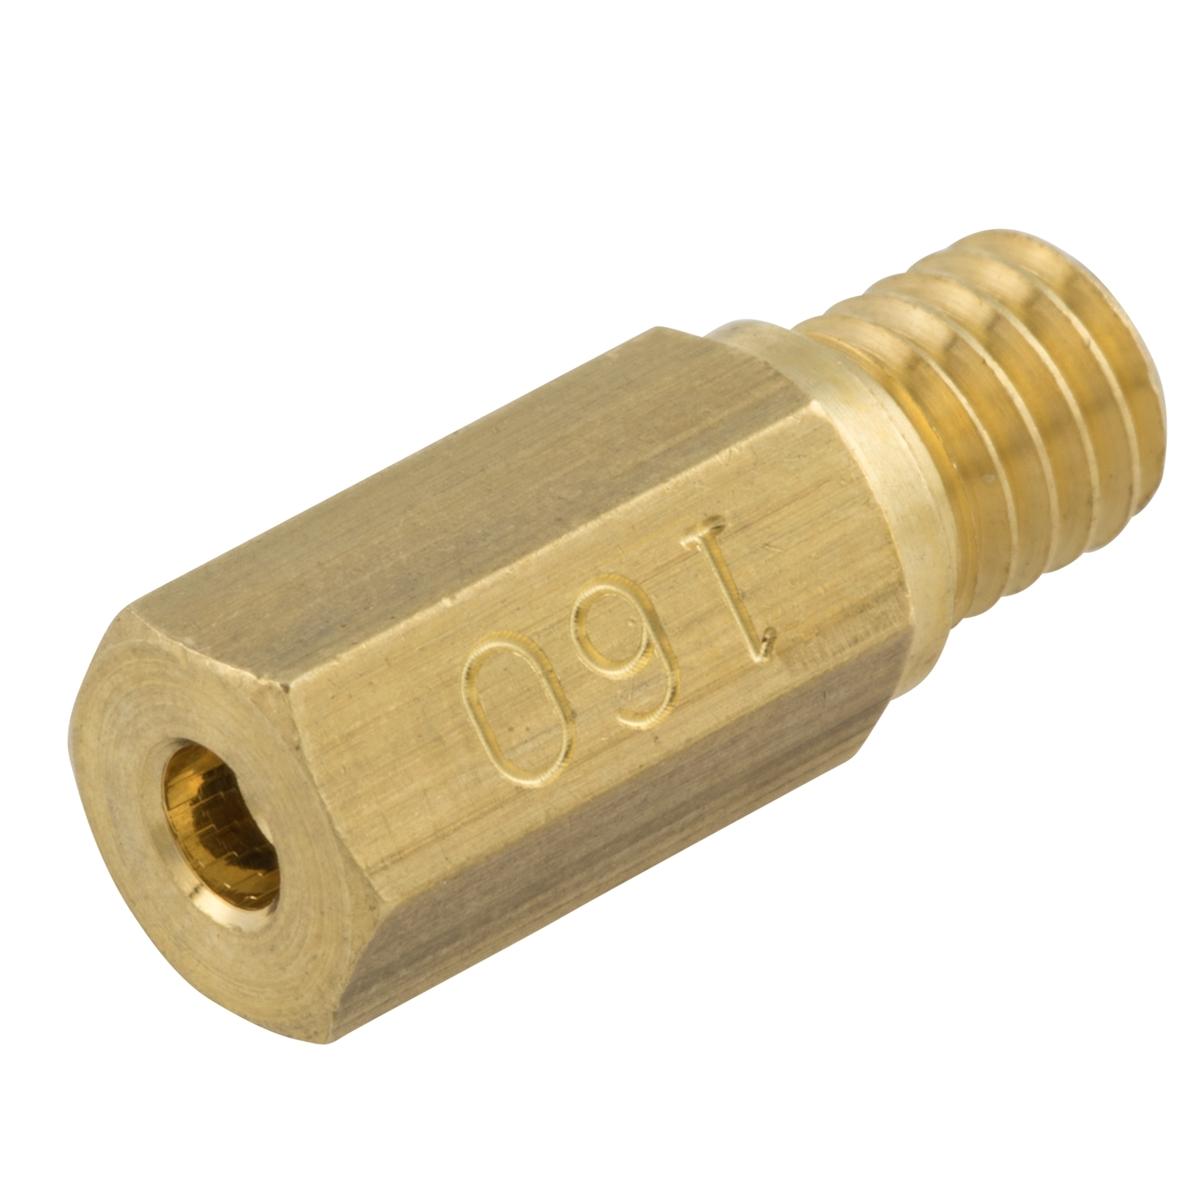 Productafbeelding voor 'Sproeier KMT 165 Ø 6 mmTitle'